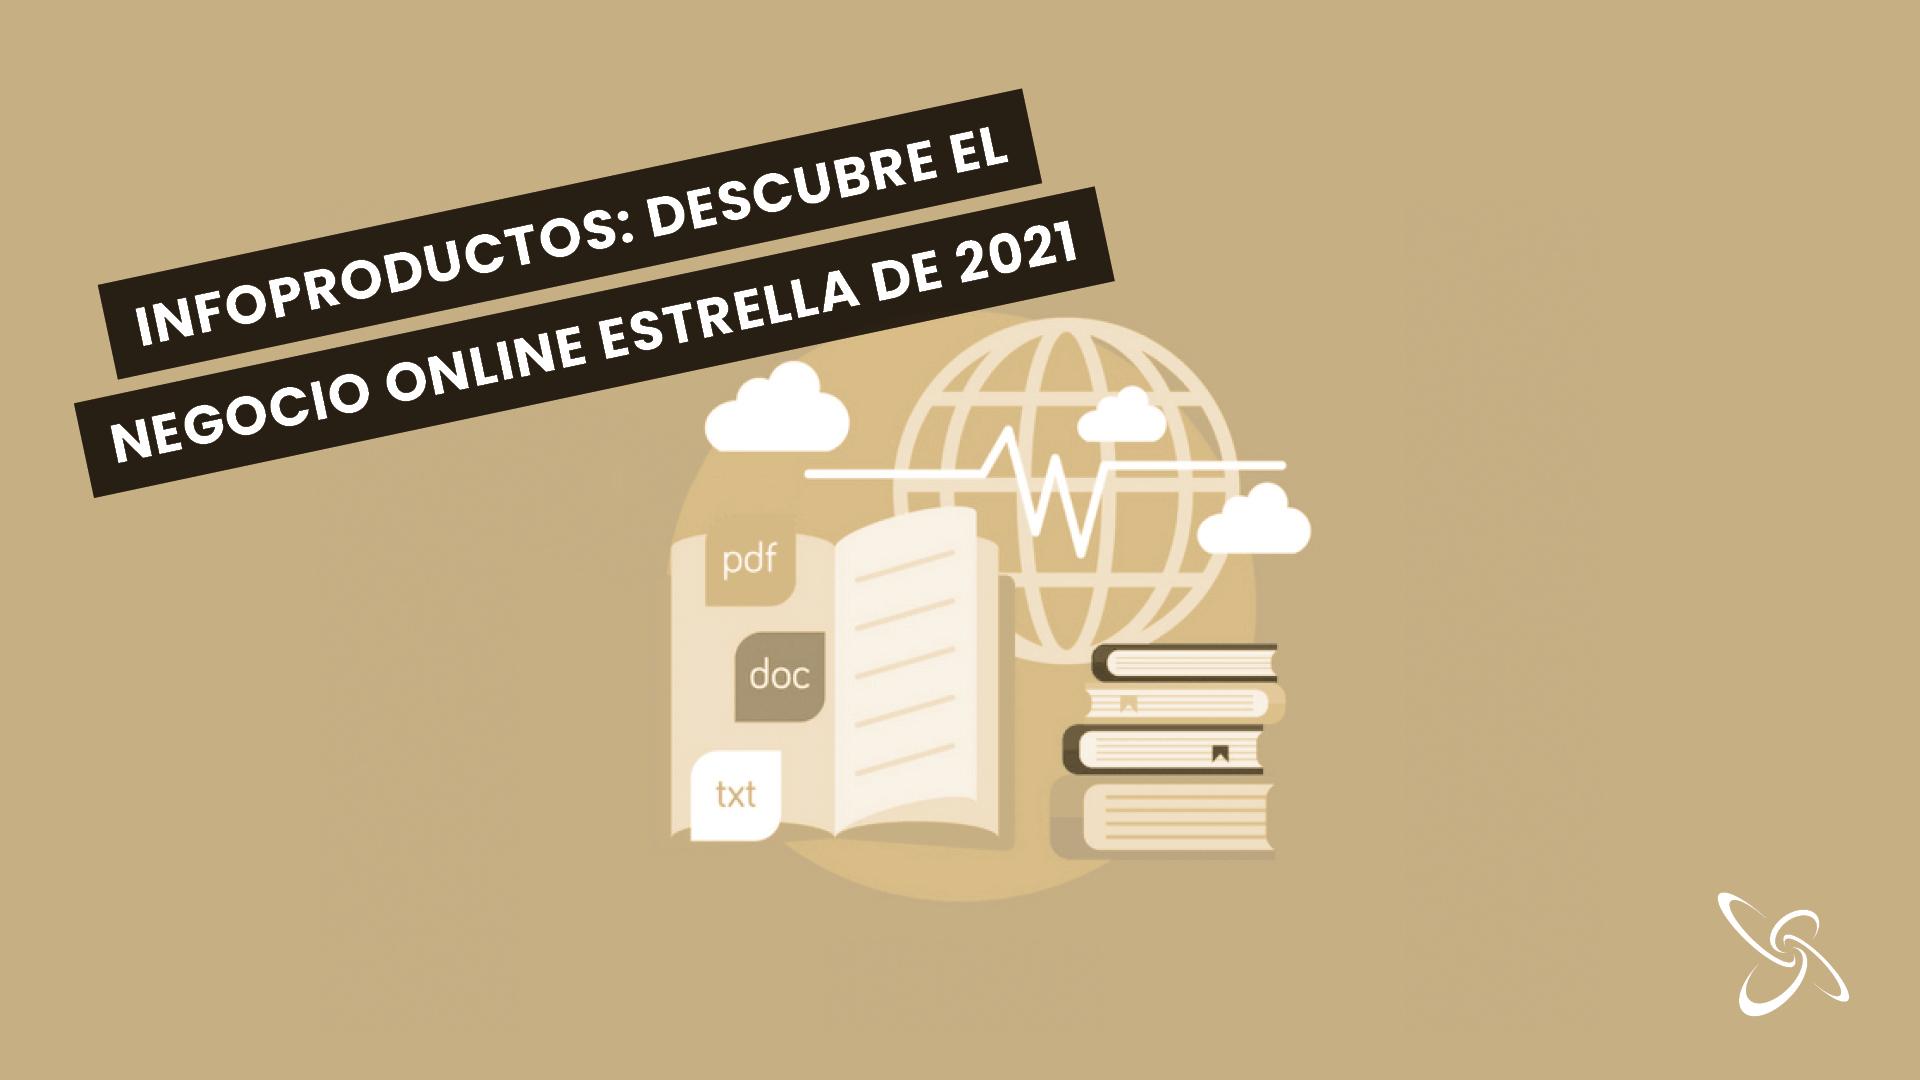 Infoproductos: descubre el negocio estrella de 2021